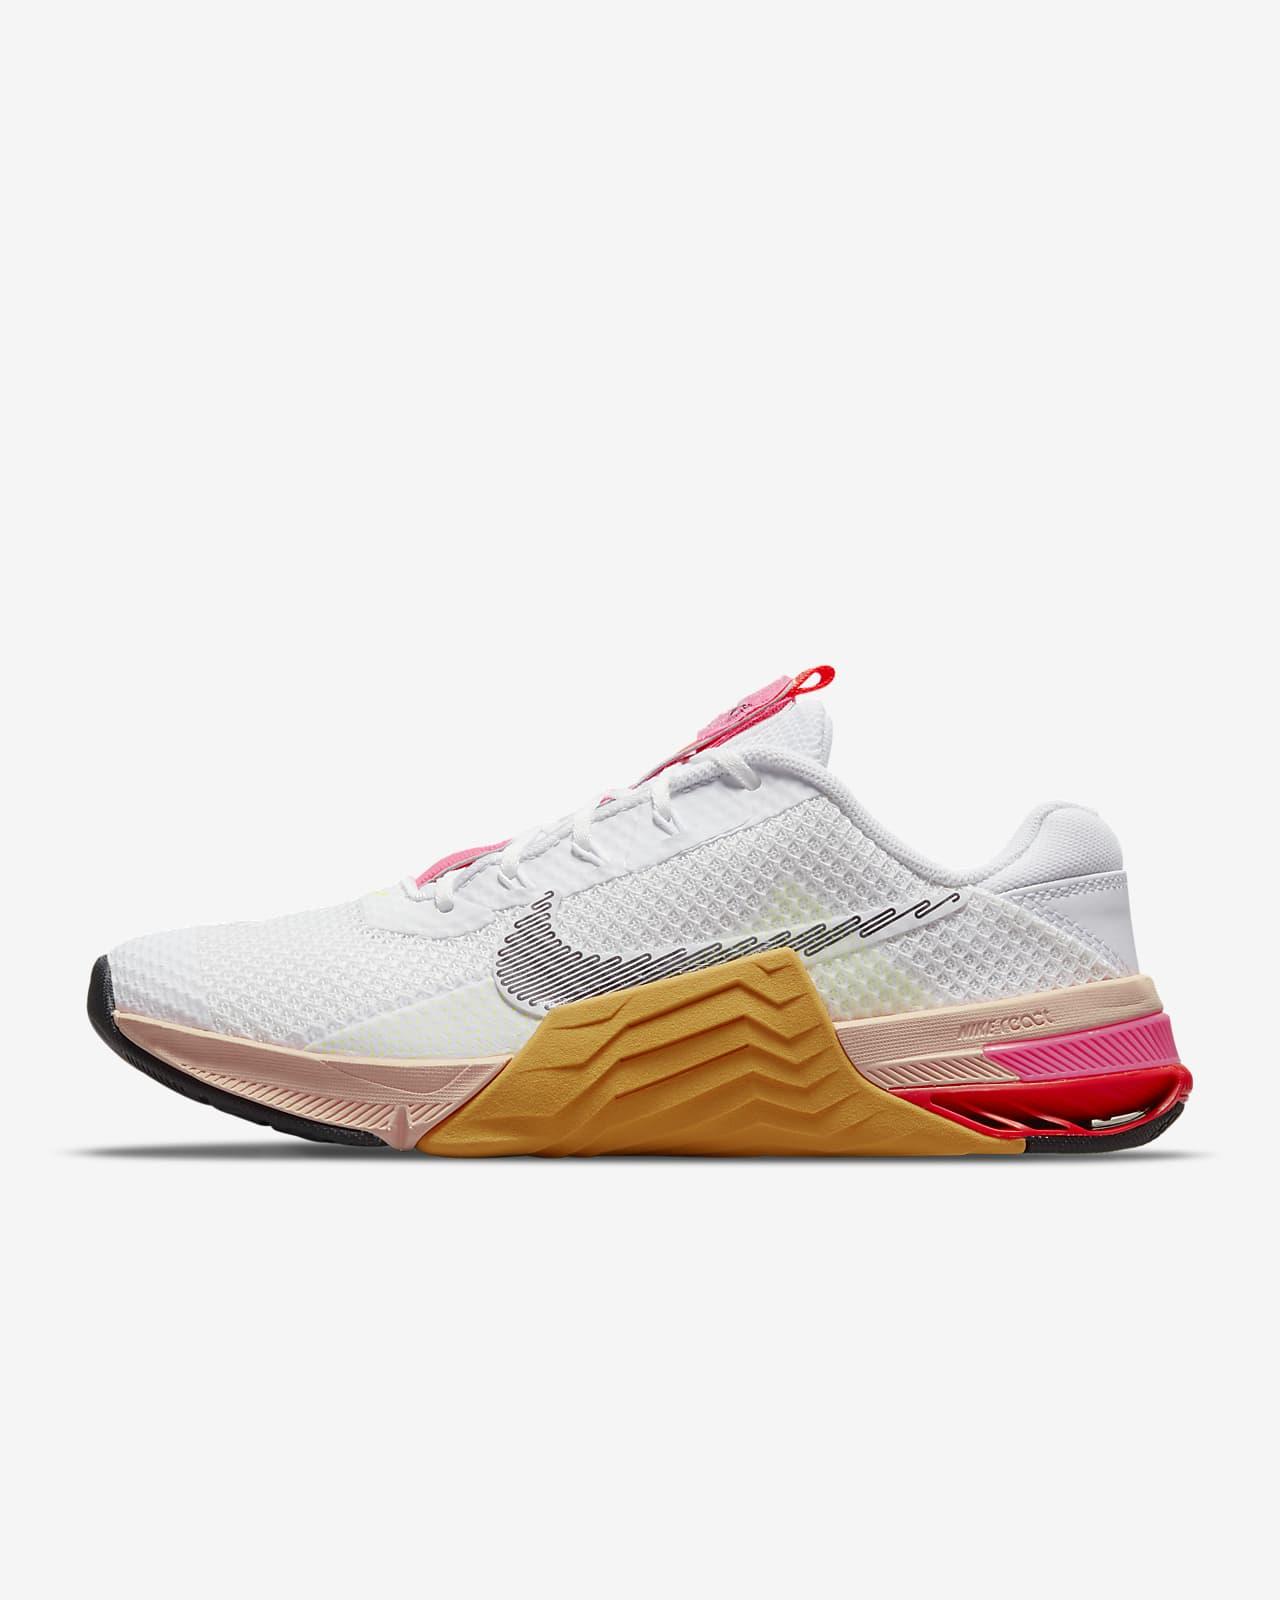 Nike Metcon 7 X Zapatillas de entrenamiento - Mujer